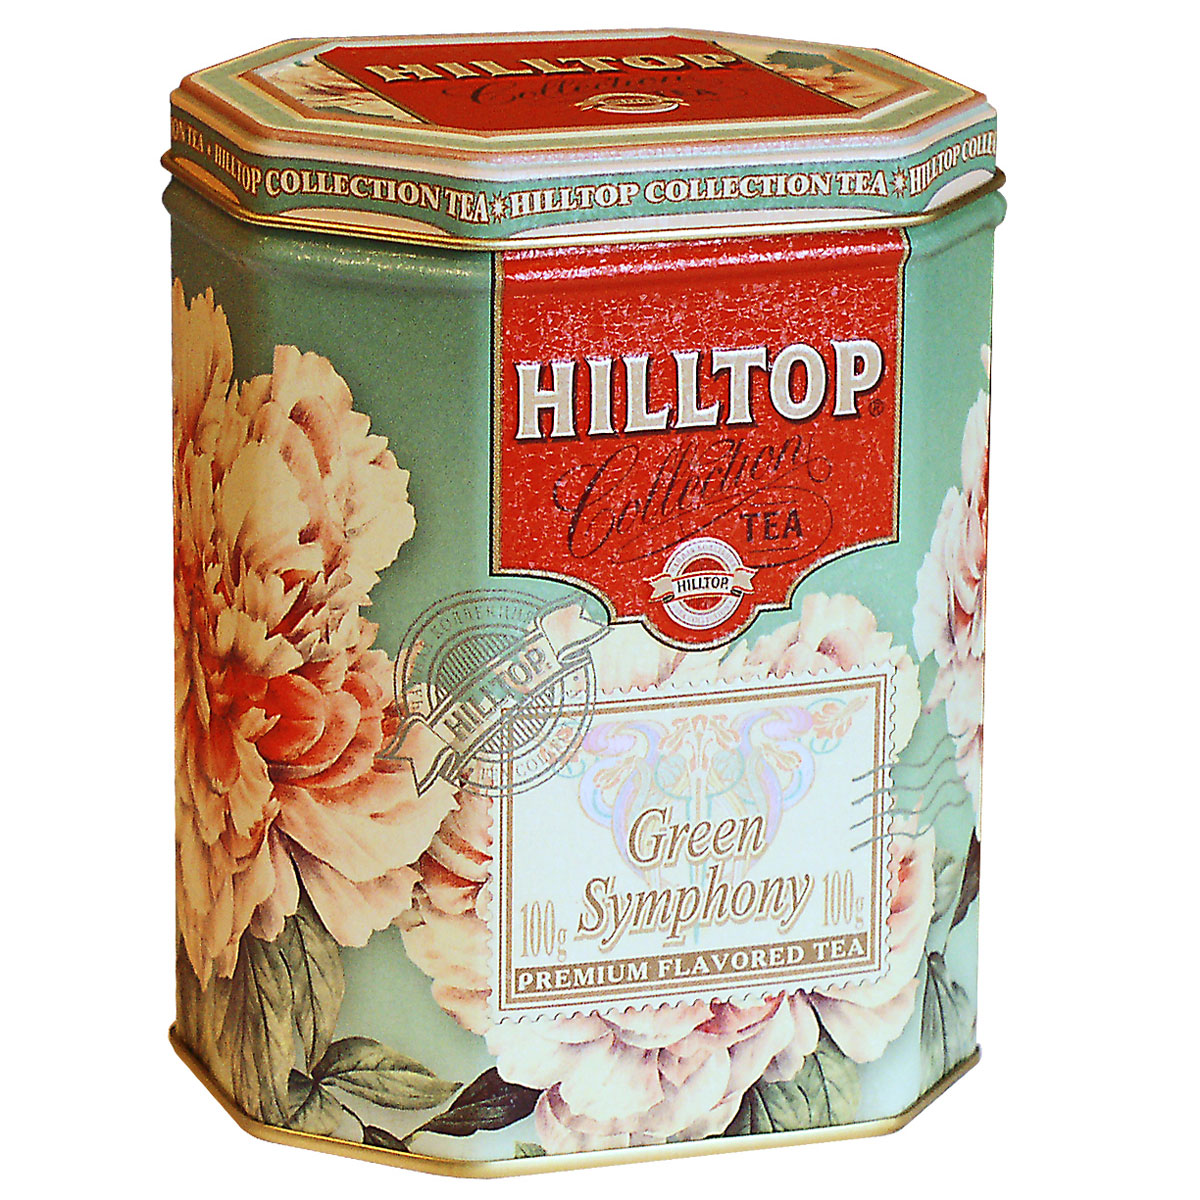 Hilltop Зеленая симфония зеленый листовой чай, 100 г зеленый чай hilltop чай hilltop collection зеленый чай с лимоном в ж б 100 гр